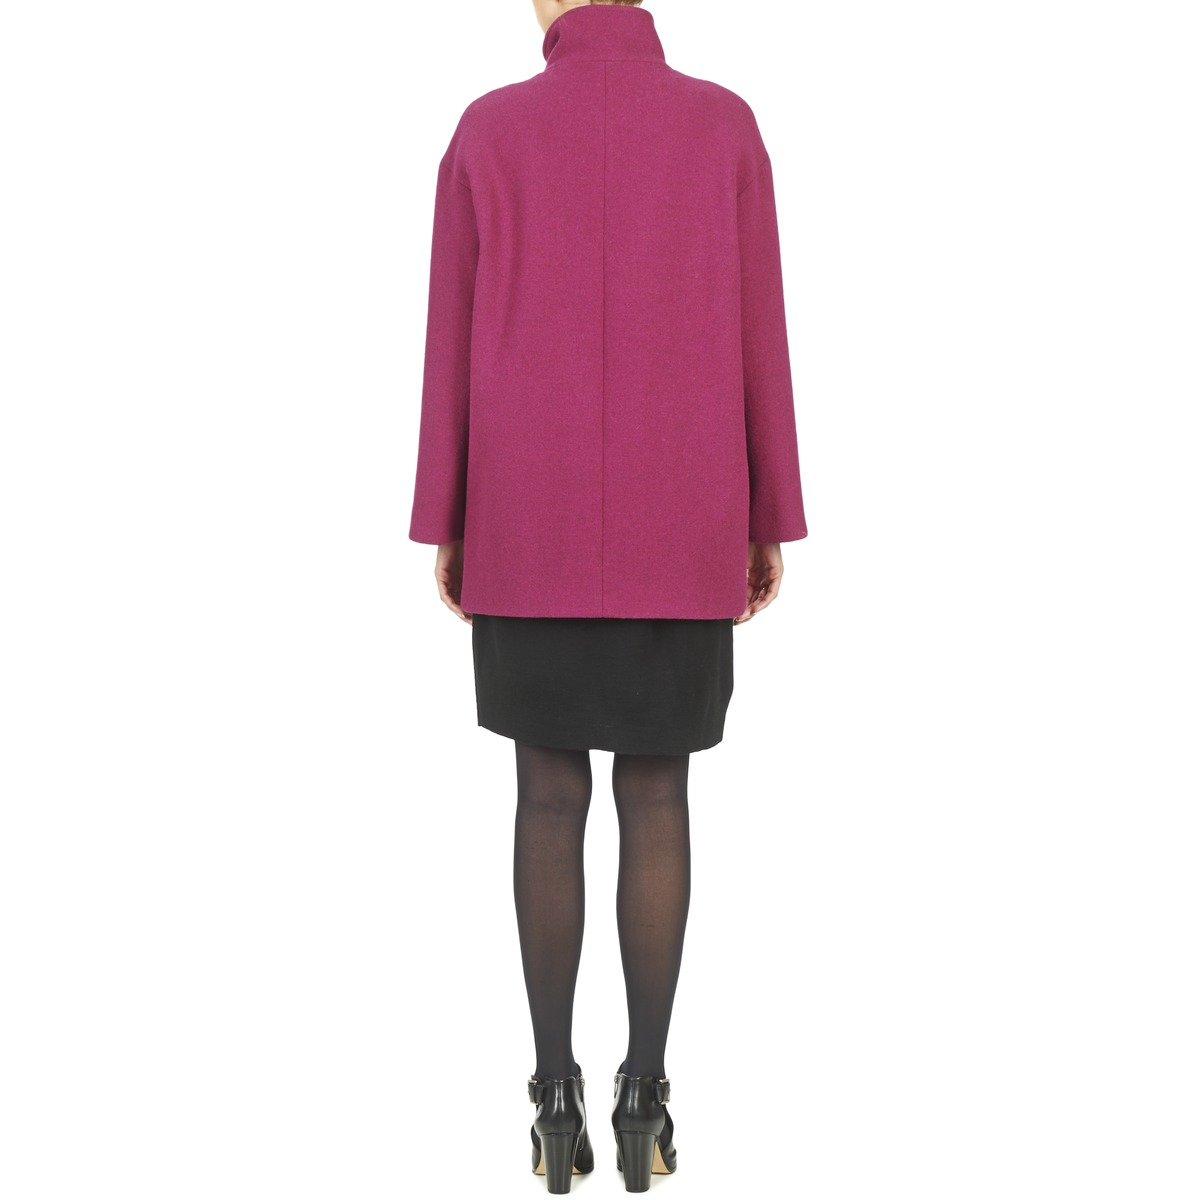 Benetton Dilo Rose - Livraison Gratuite Vêtements Manteaux Femme 135,20 €